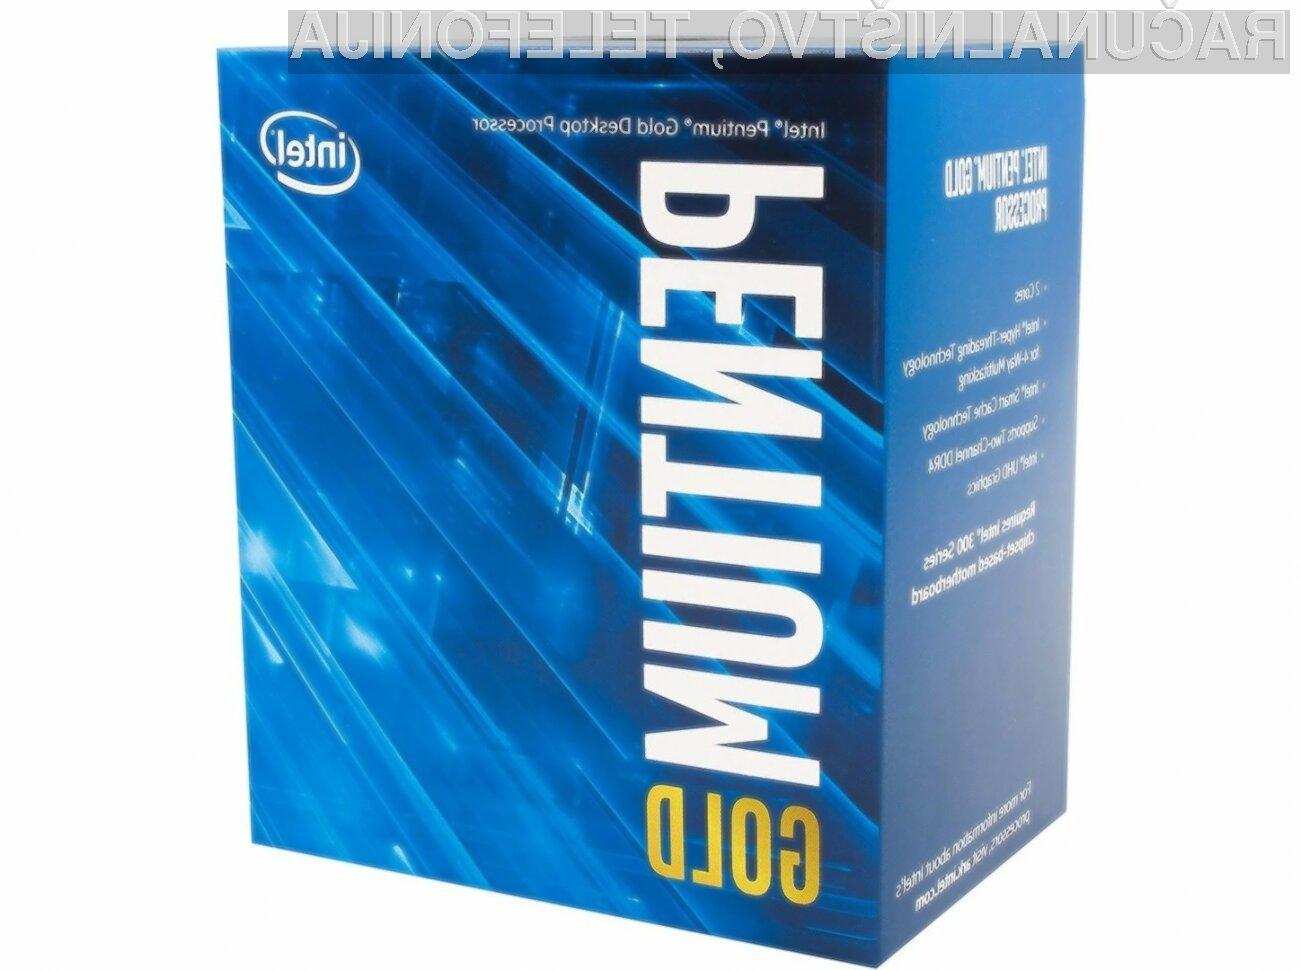 Za novi procesor Intel Pentium Gold G5620 bo treba odšteti le okoli 100 evrov.